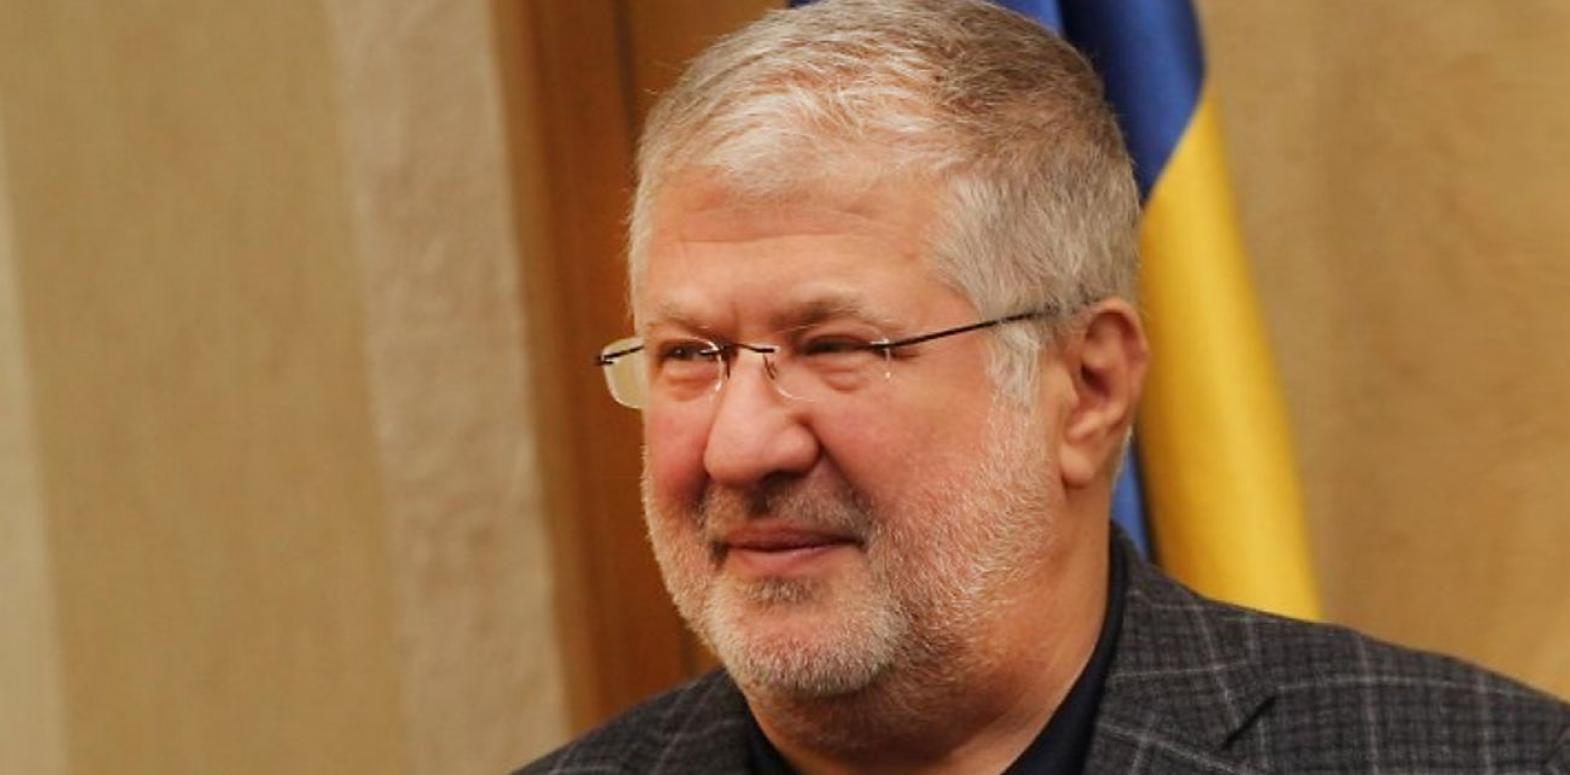 Против Коломойского в России возбудили уголовное дело